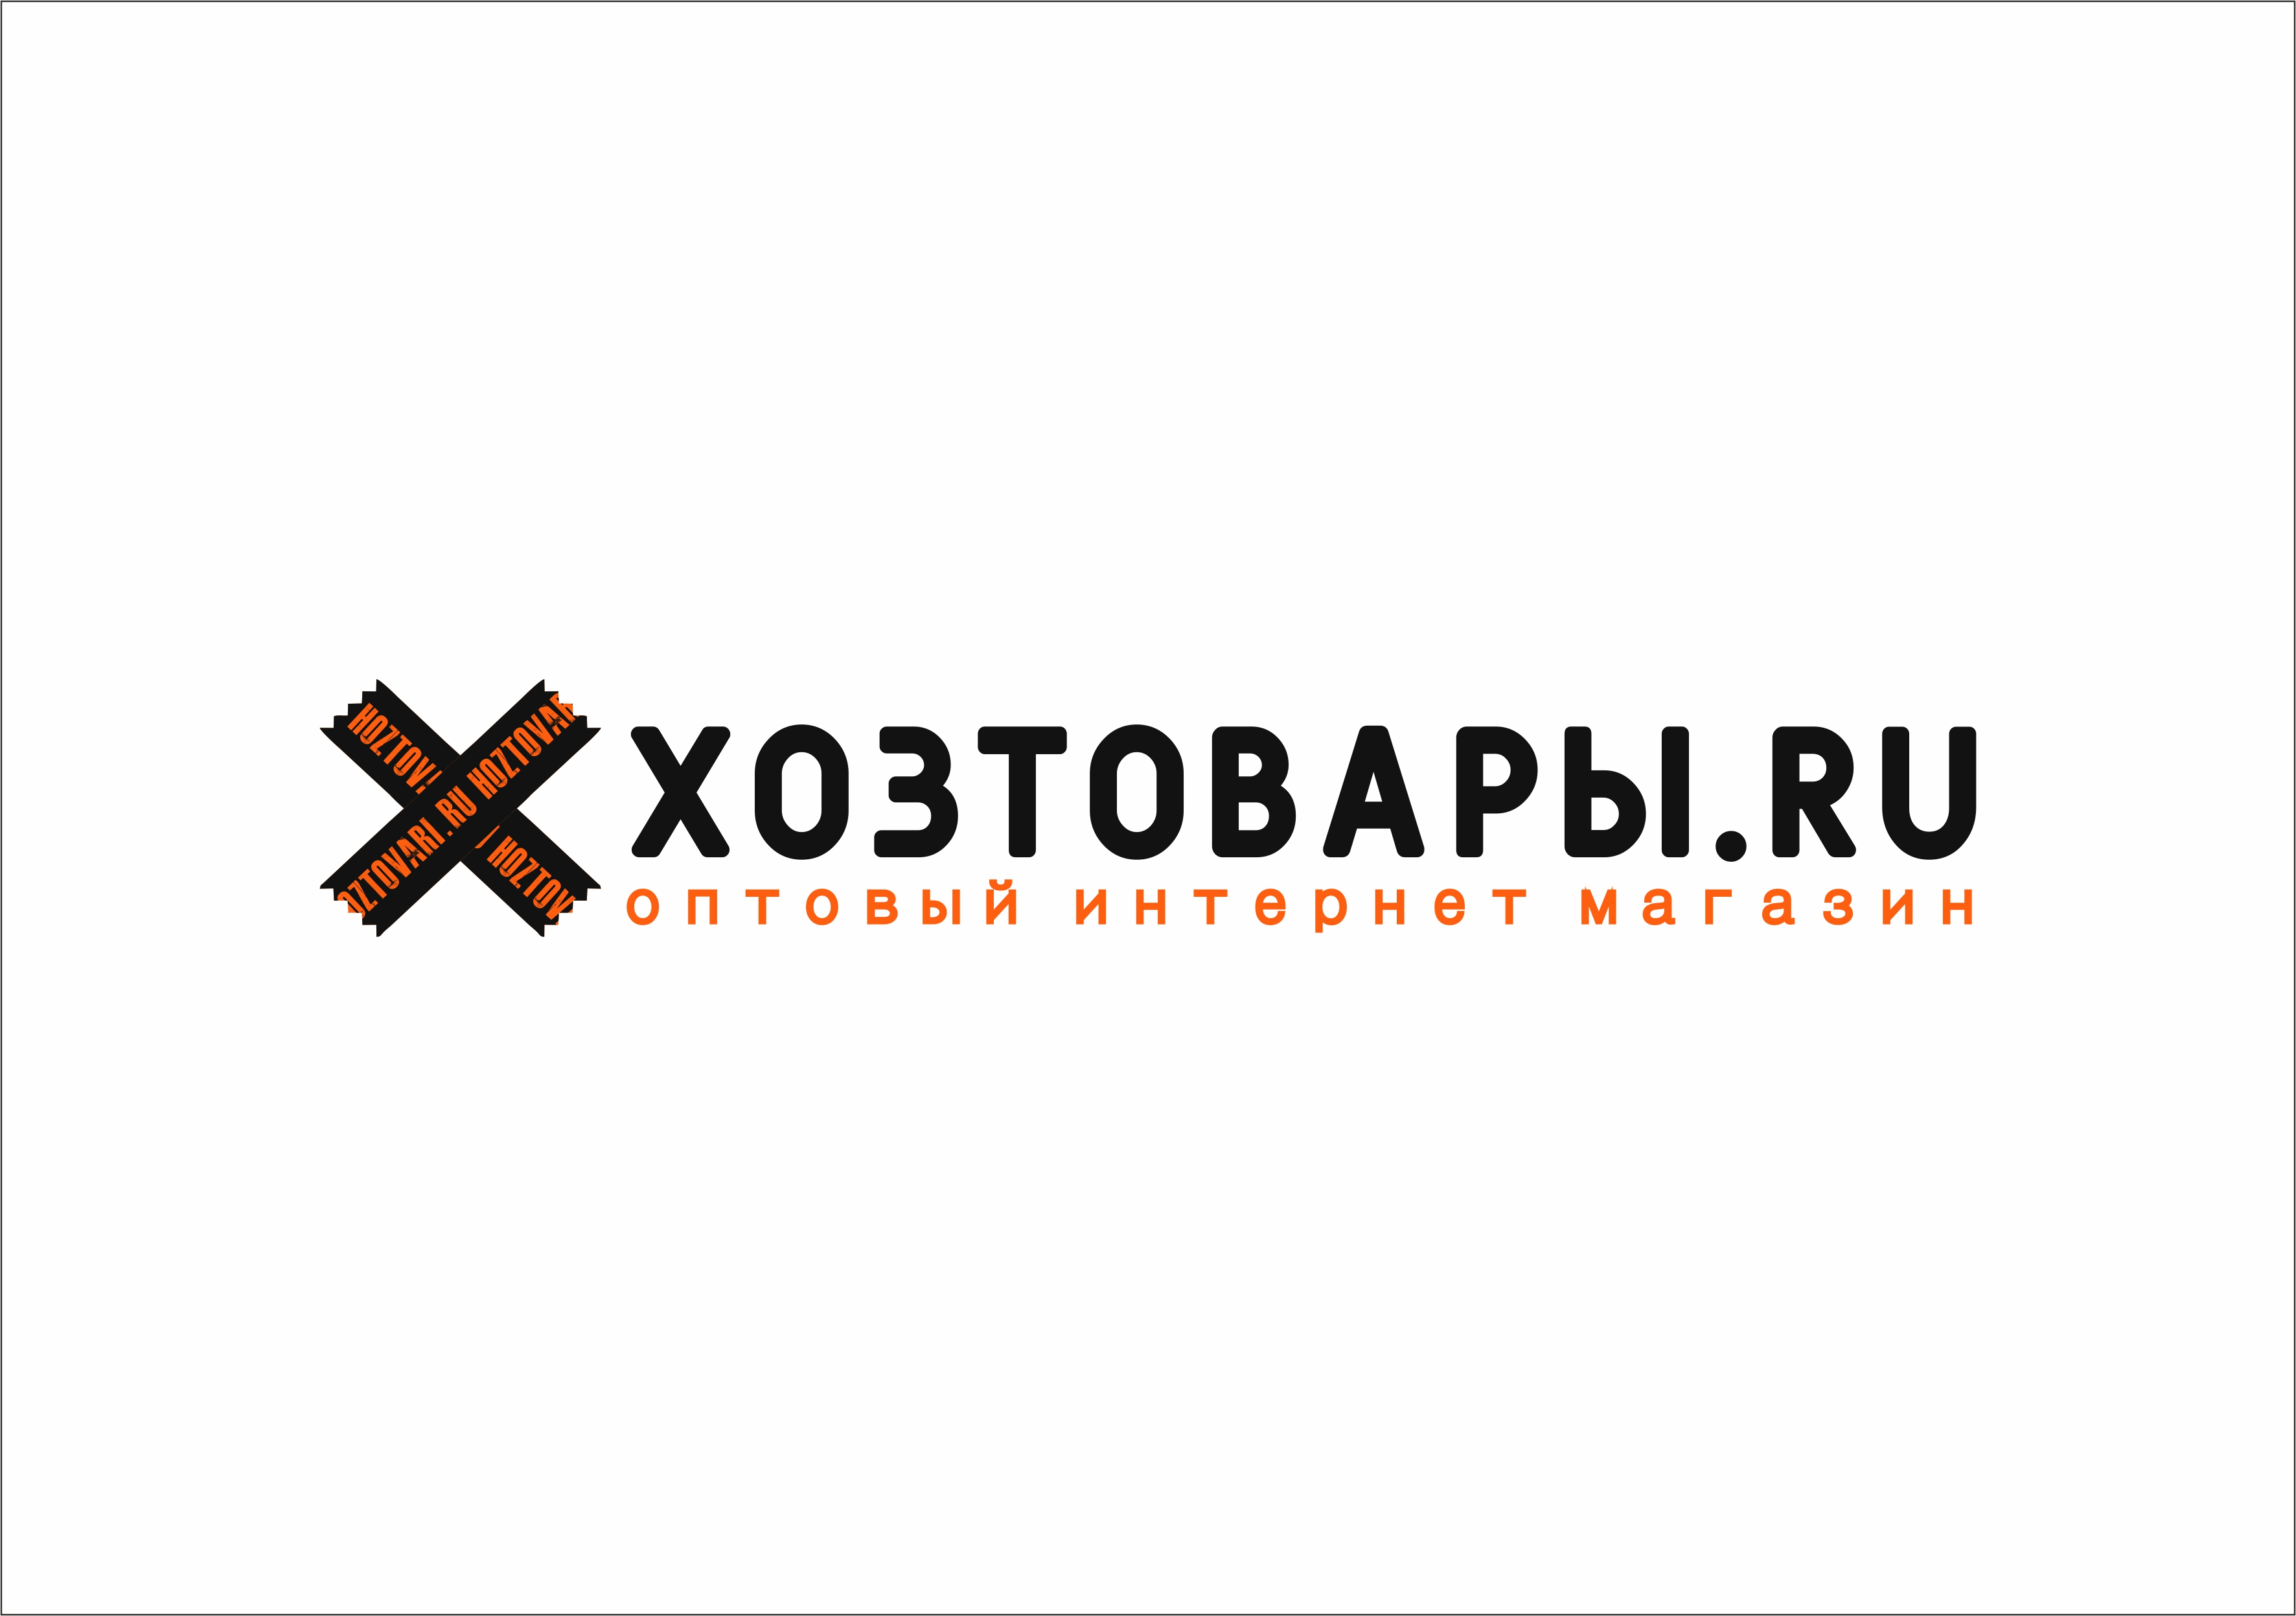 Разработка логотипа для оптового интернет-магазина «Хозтовары.ру» фото f_043606ef7c811305.jpg